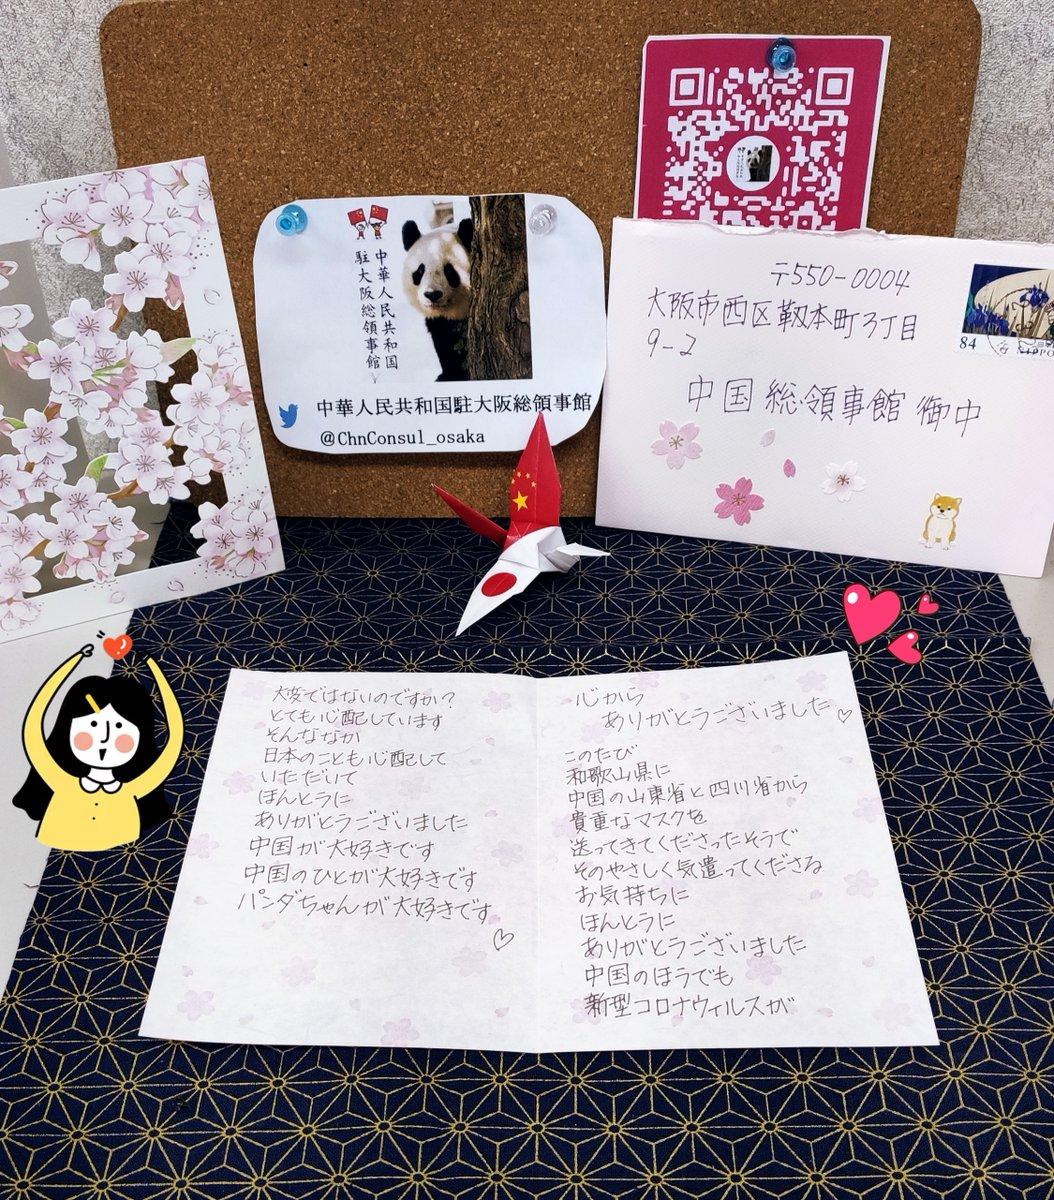 和歌山の方から暖かいお手紙が総領事館に届いた。中国のことを心がけてくれてありがとう!そして、送ったマスクが一助となればうれしいよ。🥰 Ps:お手紙を送った方(パンダ好きさん)を探しております。ご本人がご覧になりましたら、是非メッセージをください。#パンダ #和歌山  #日中友好